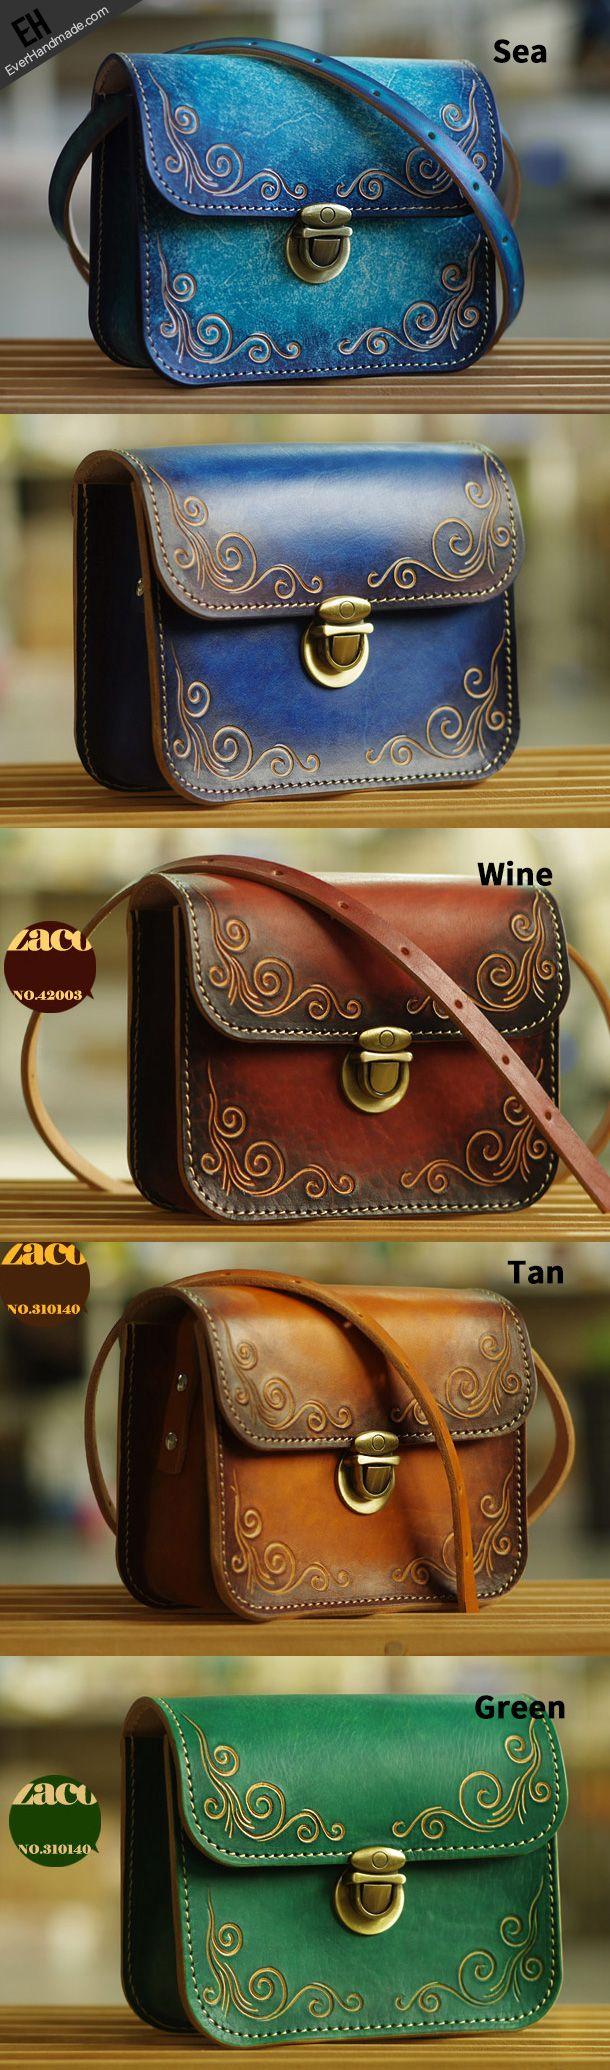 Handmade leather shoulder bag crossbody bag purse vintage carved green for her